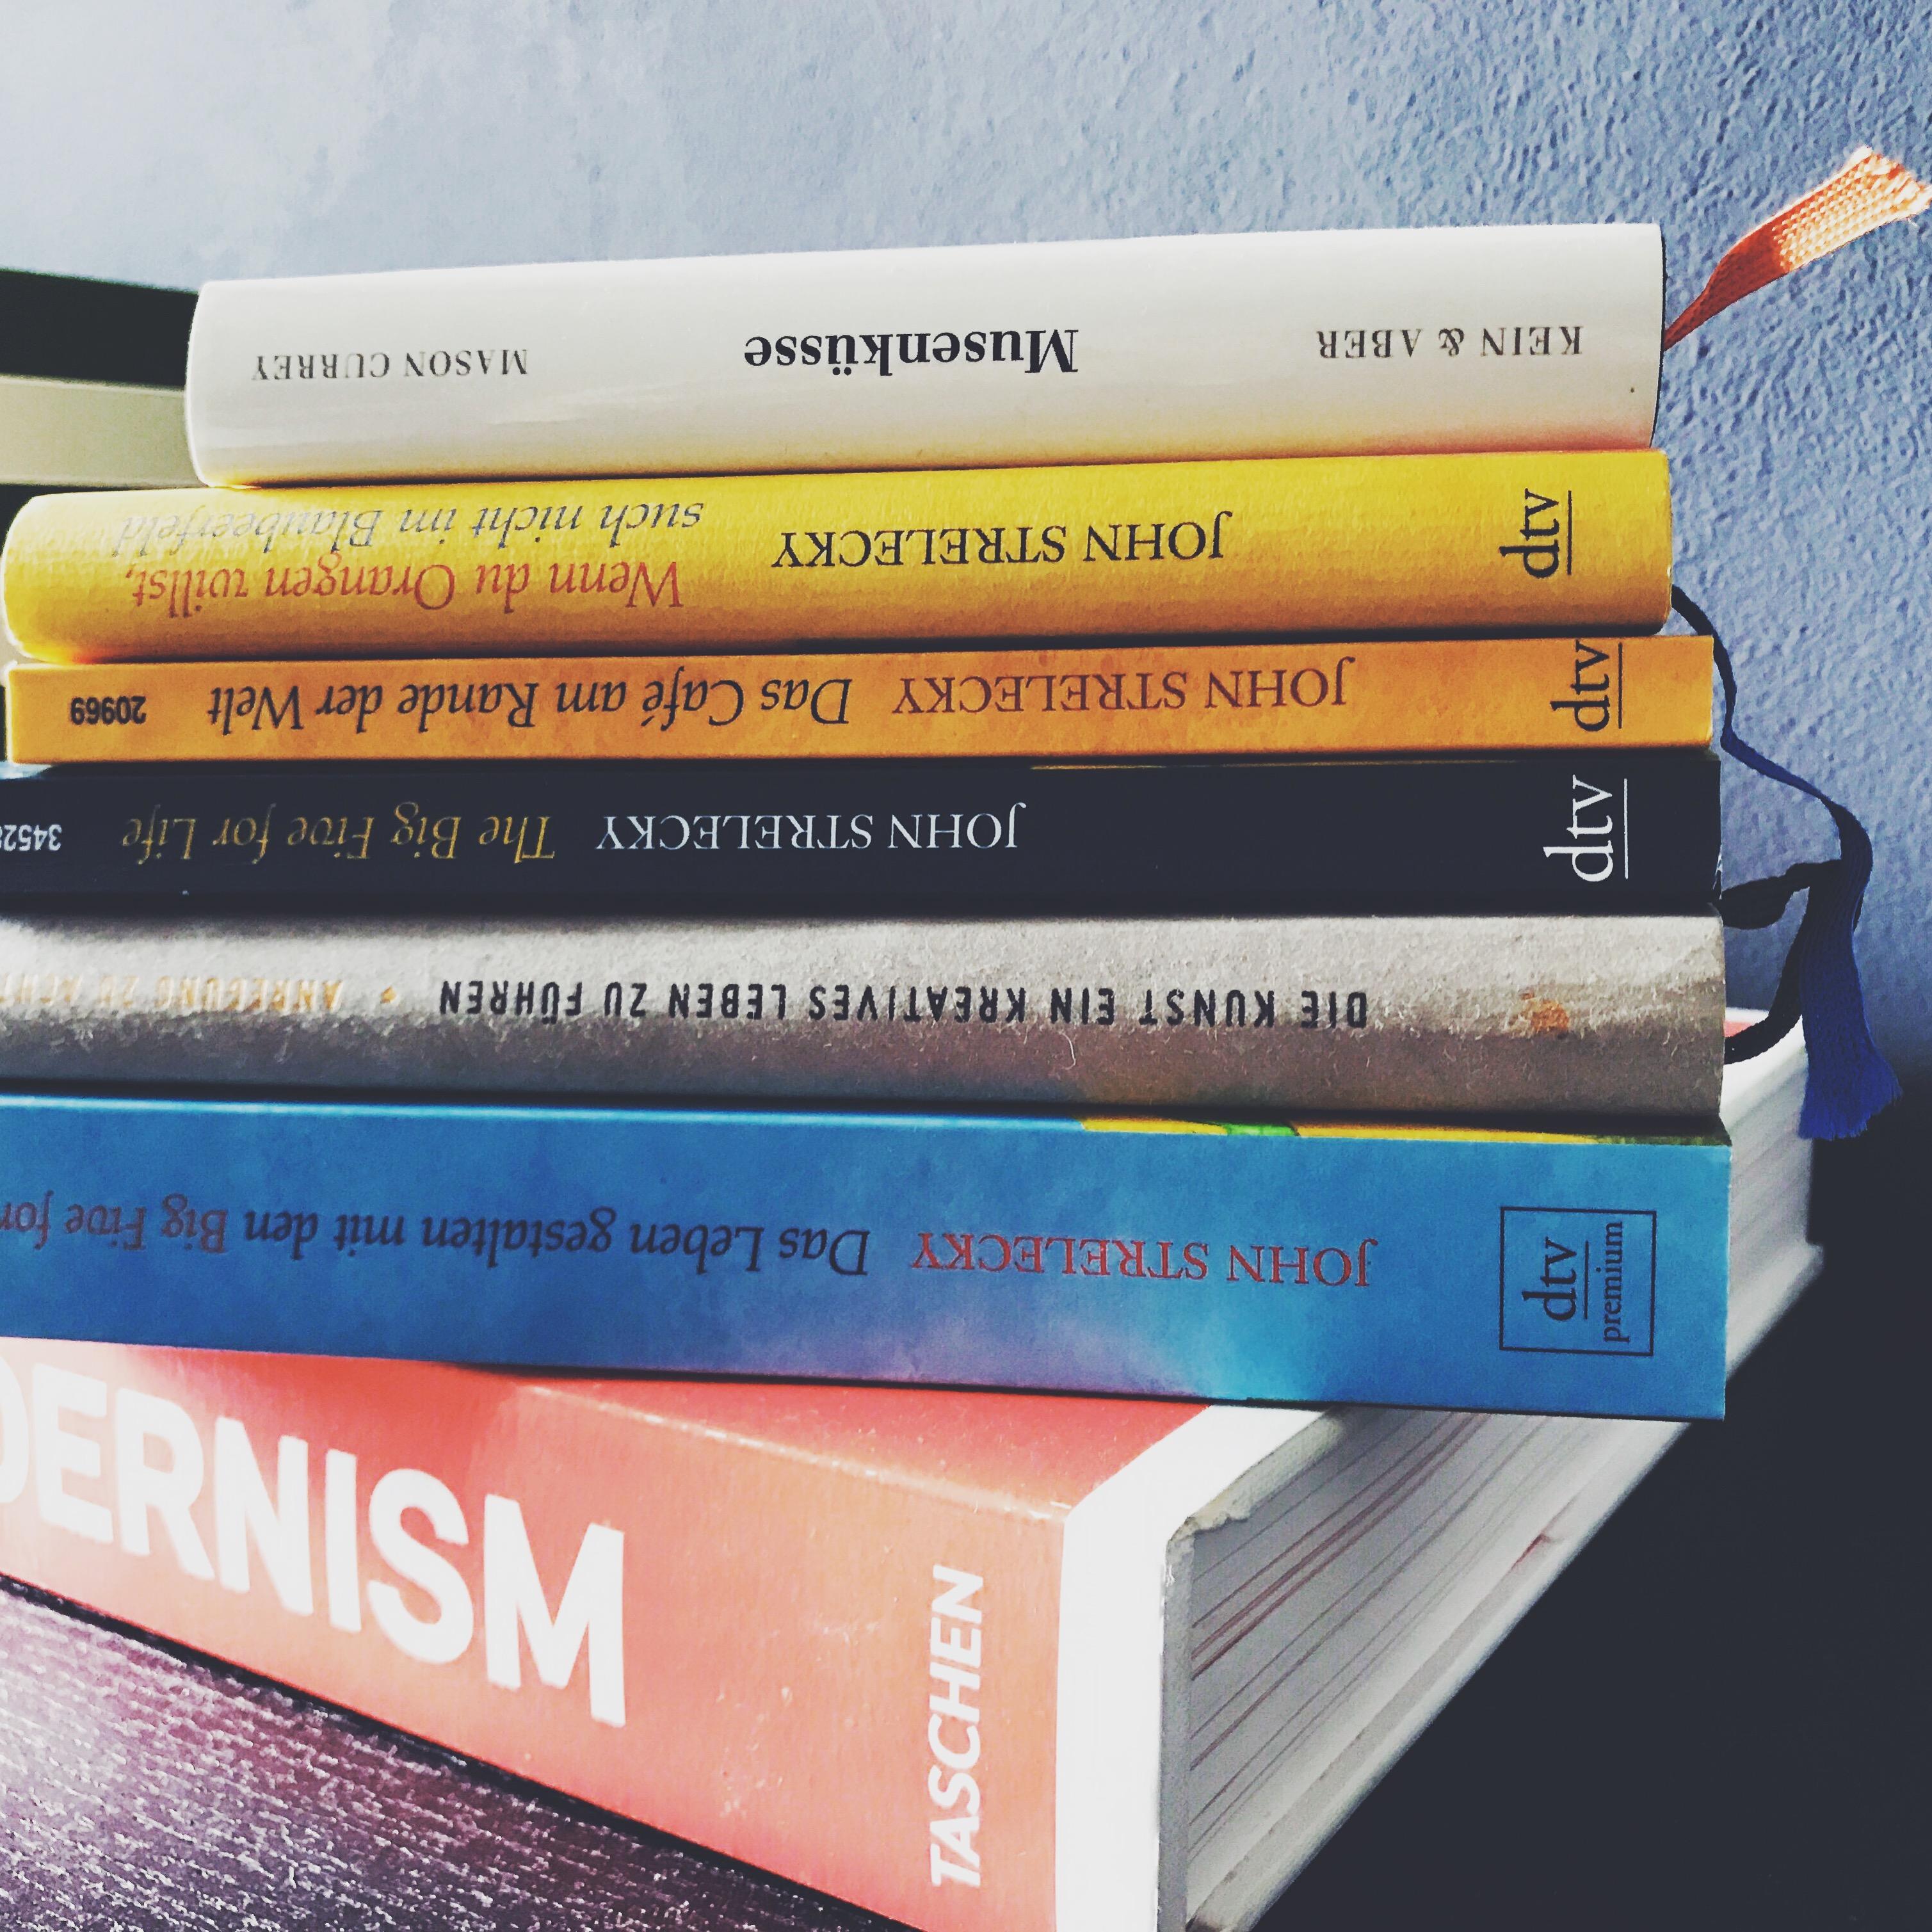 Buchtipps, Mindest, Motivation, Persönlichkeit, Karriere, Buch, Lesen, Persönlichkeit entwickeln,